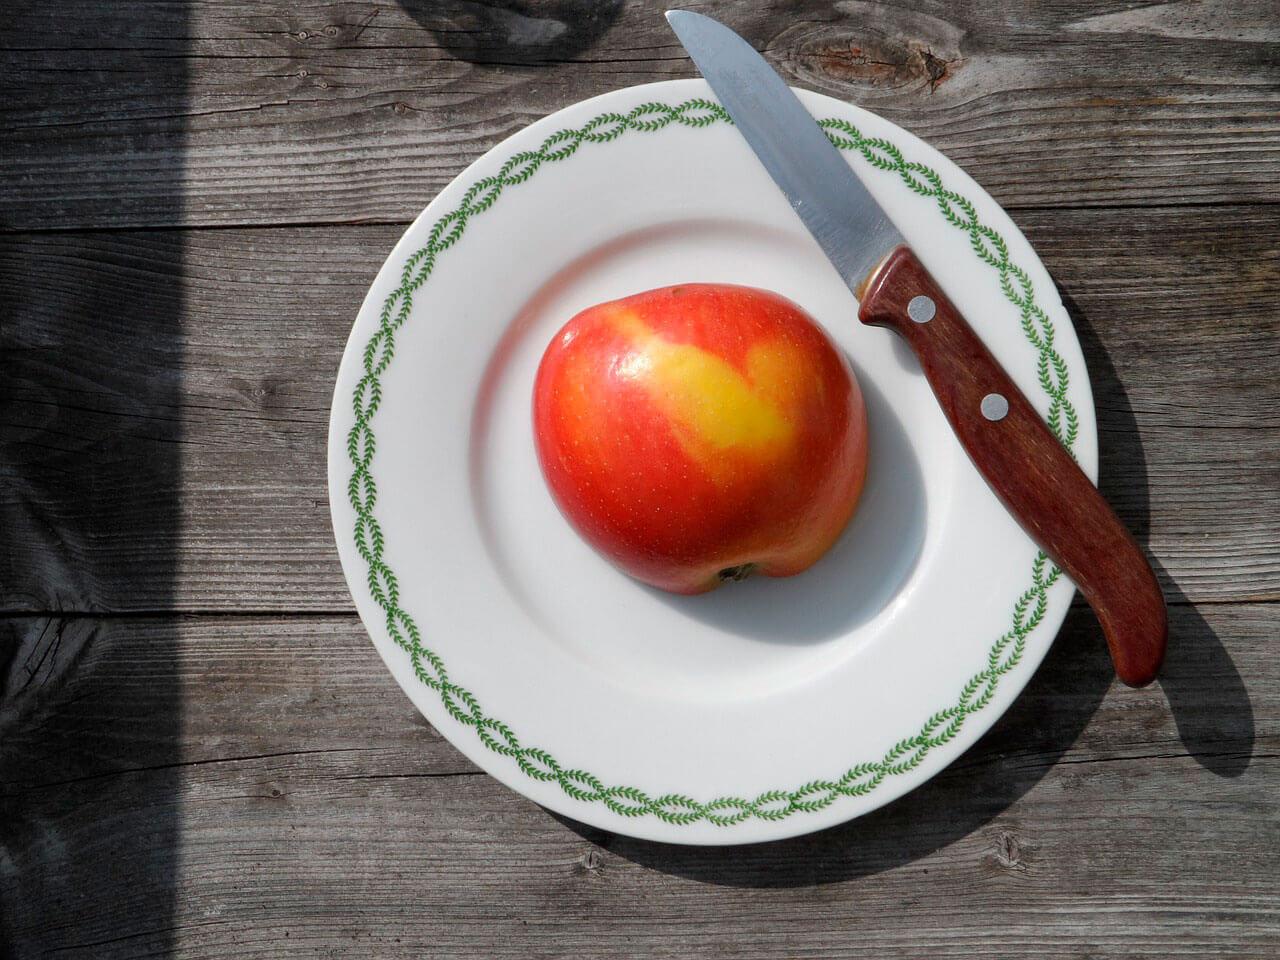 Ansiedade | Perda de apetite e comer errado